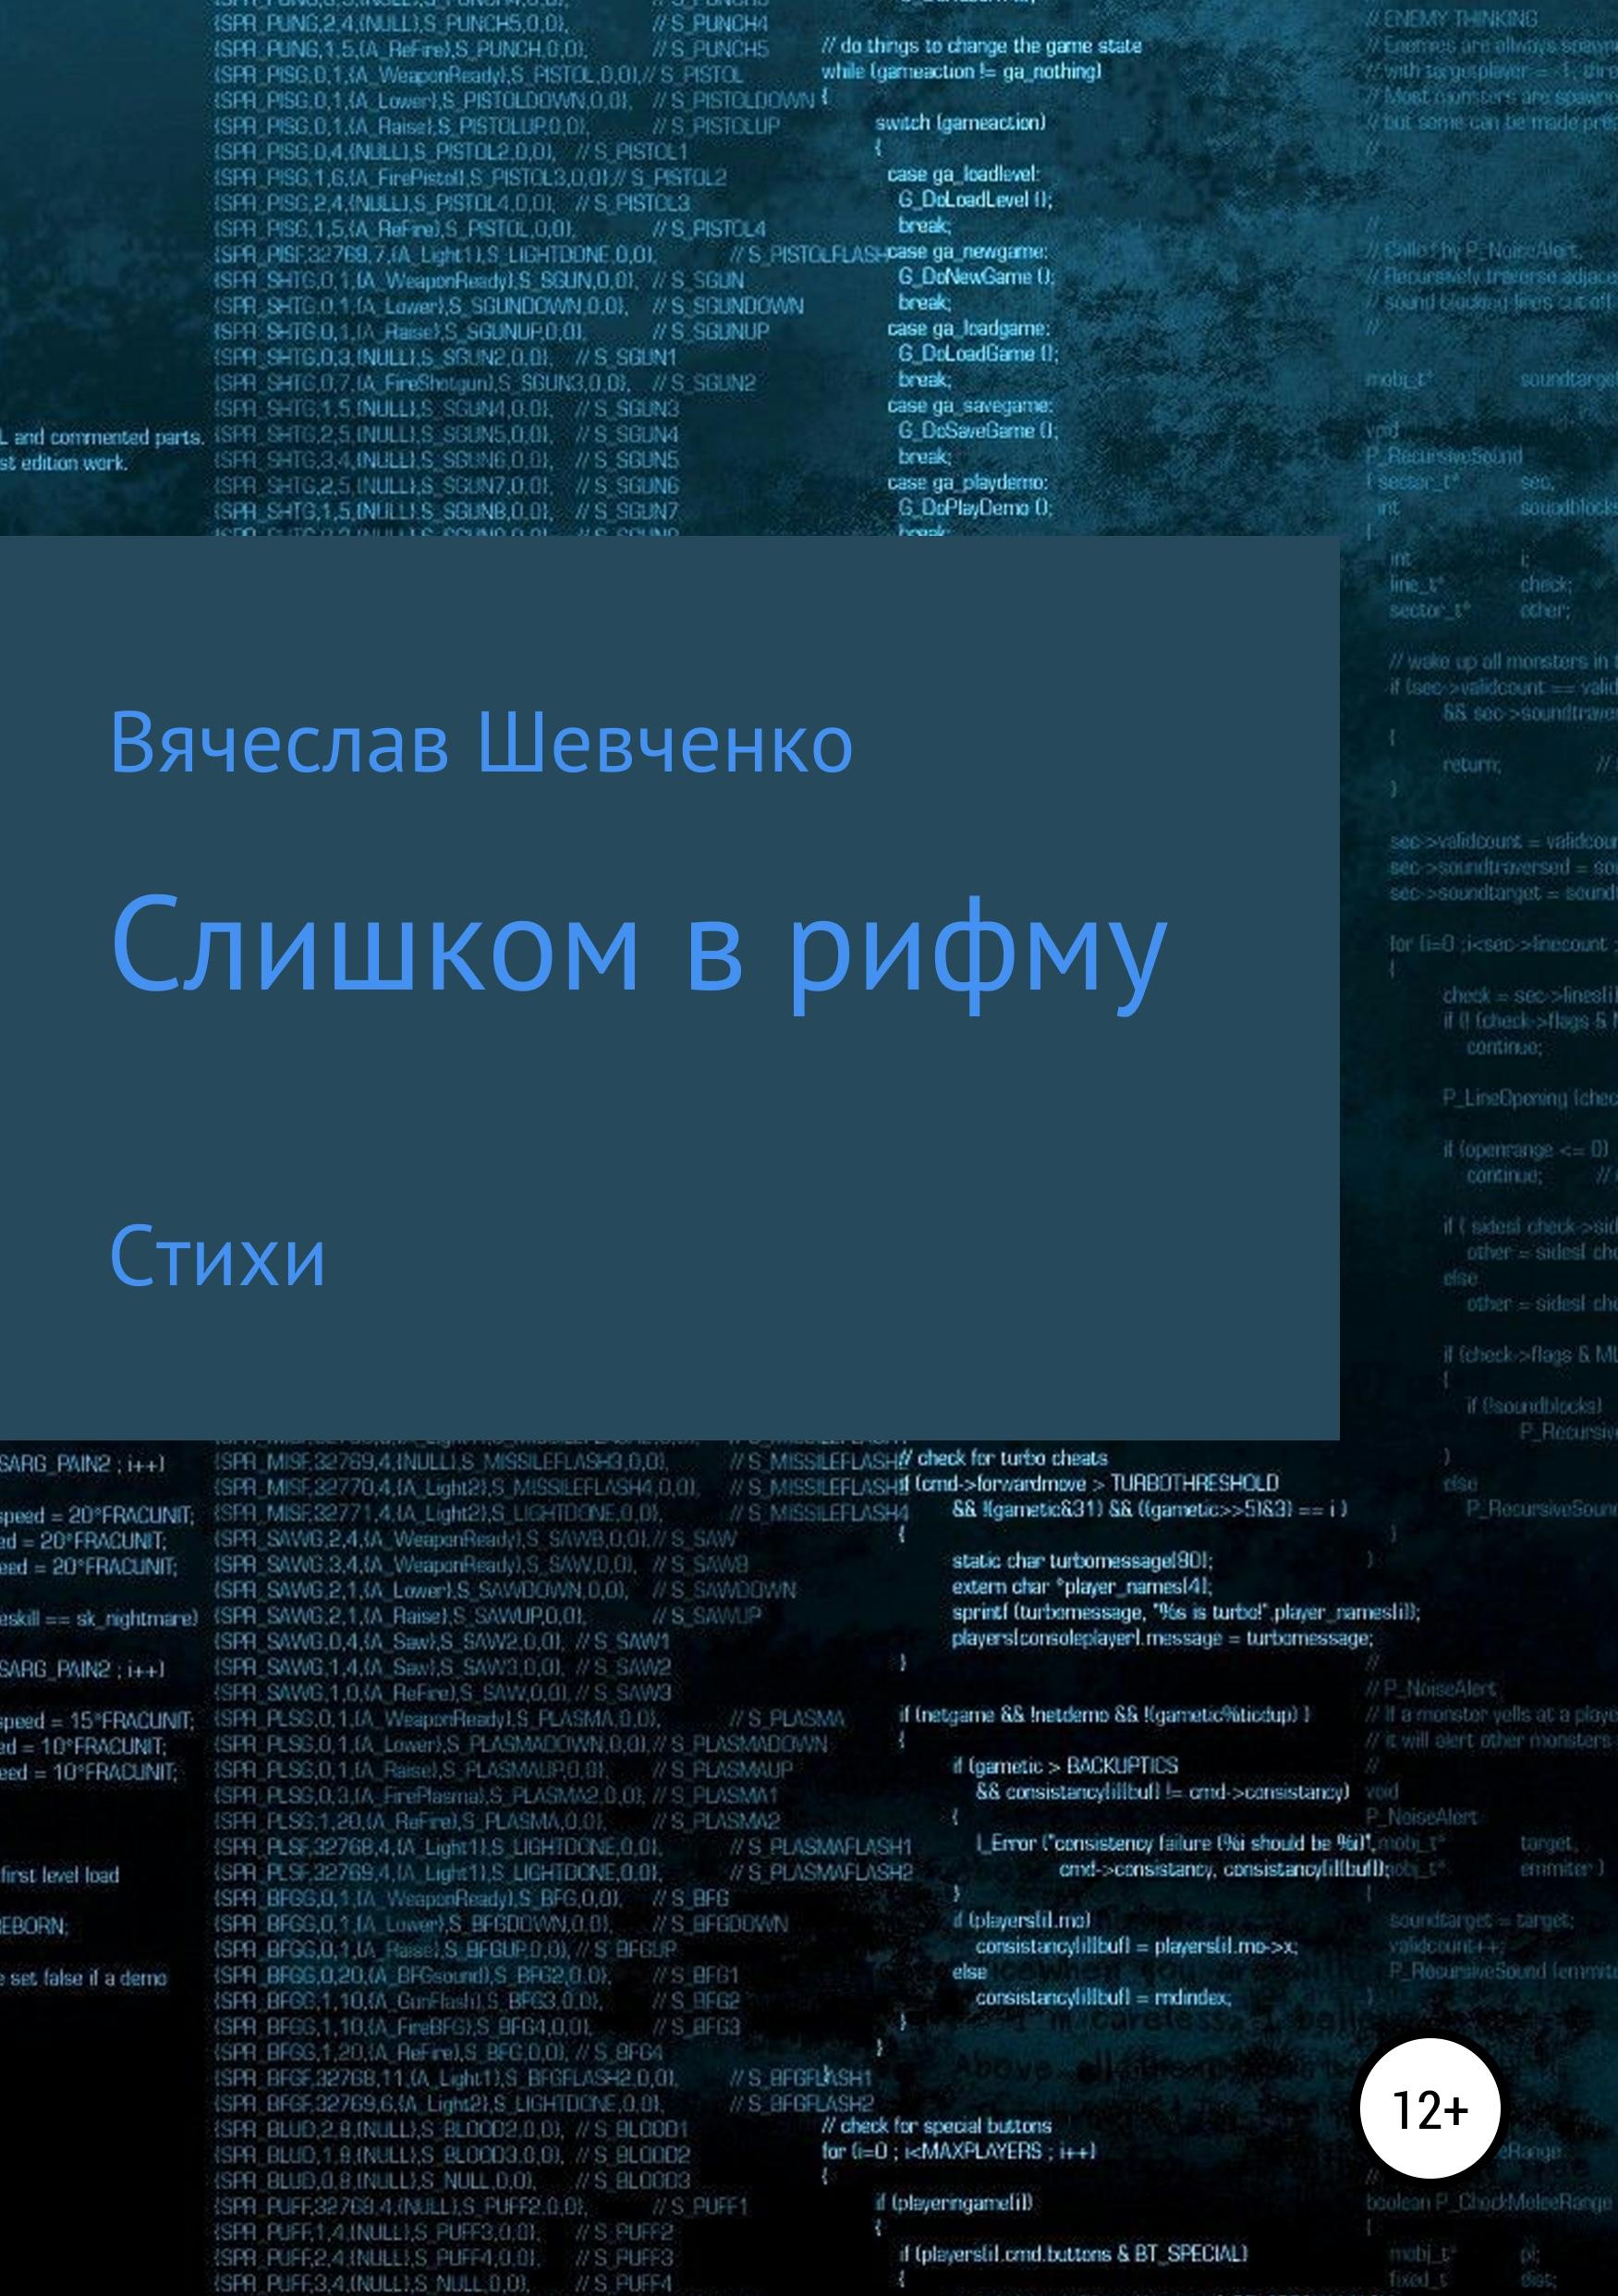 Вячеслав Шевченко Слишком в рифму